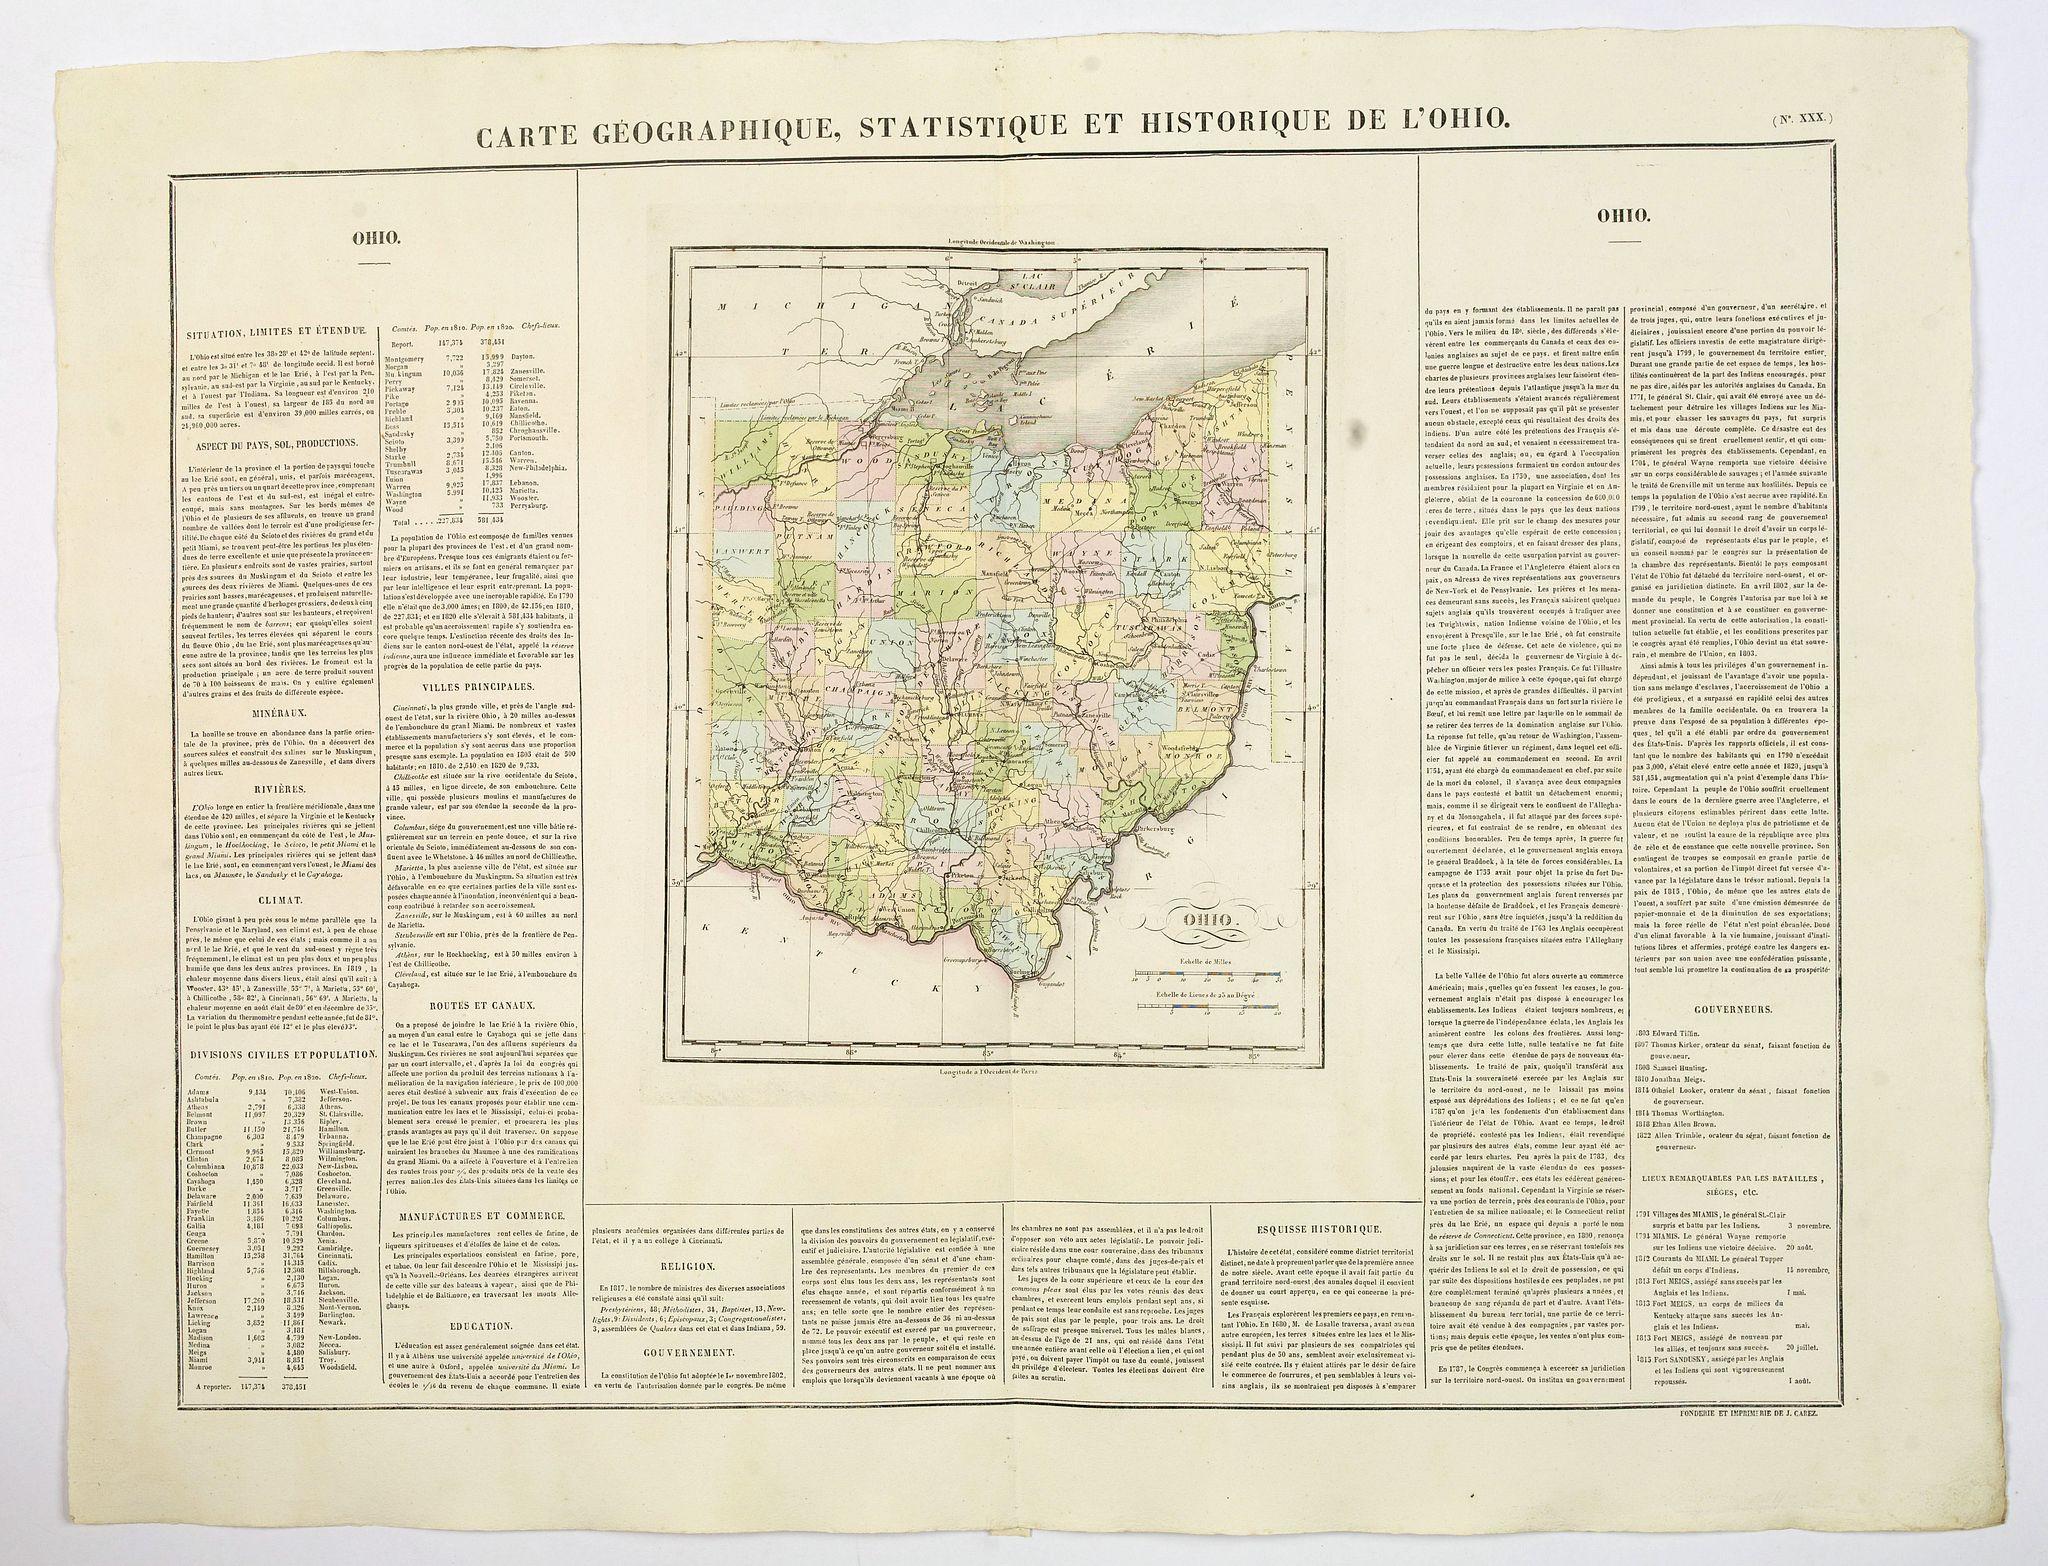 BUCHON, J.A. -  Carte Geographique, Statistique et Historique de L'Ohio.